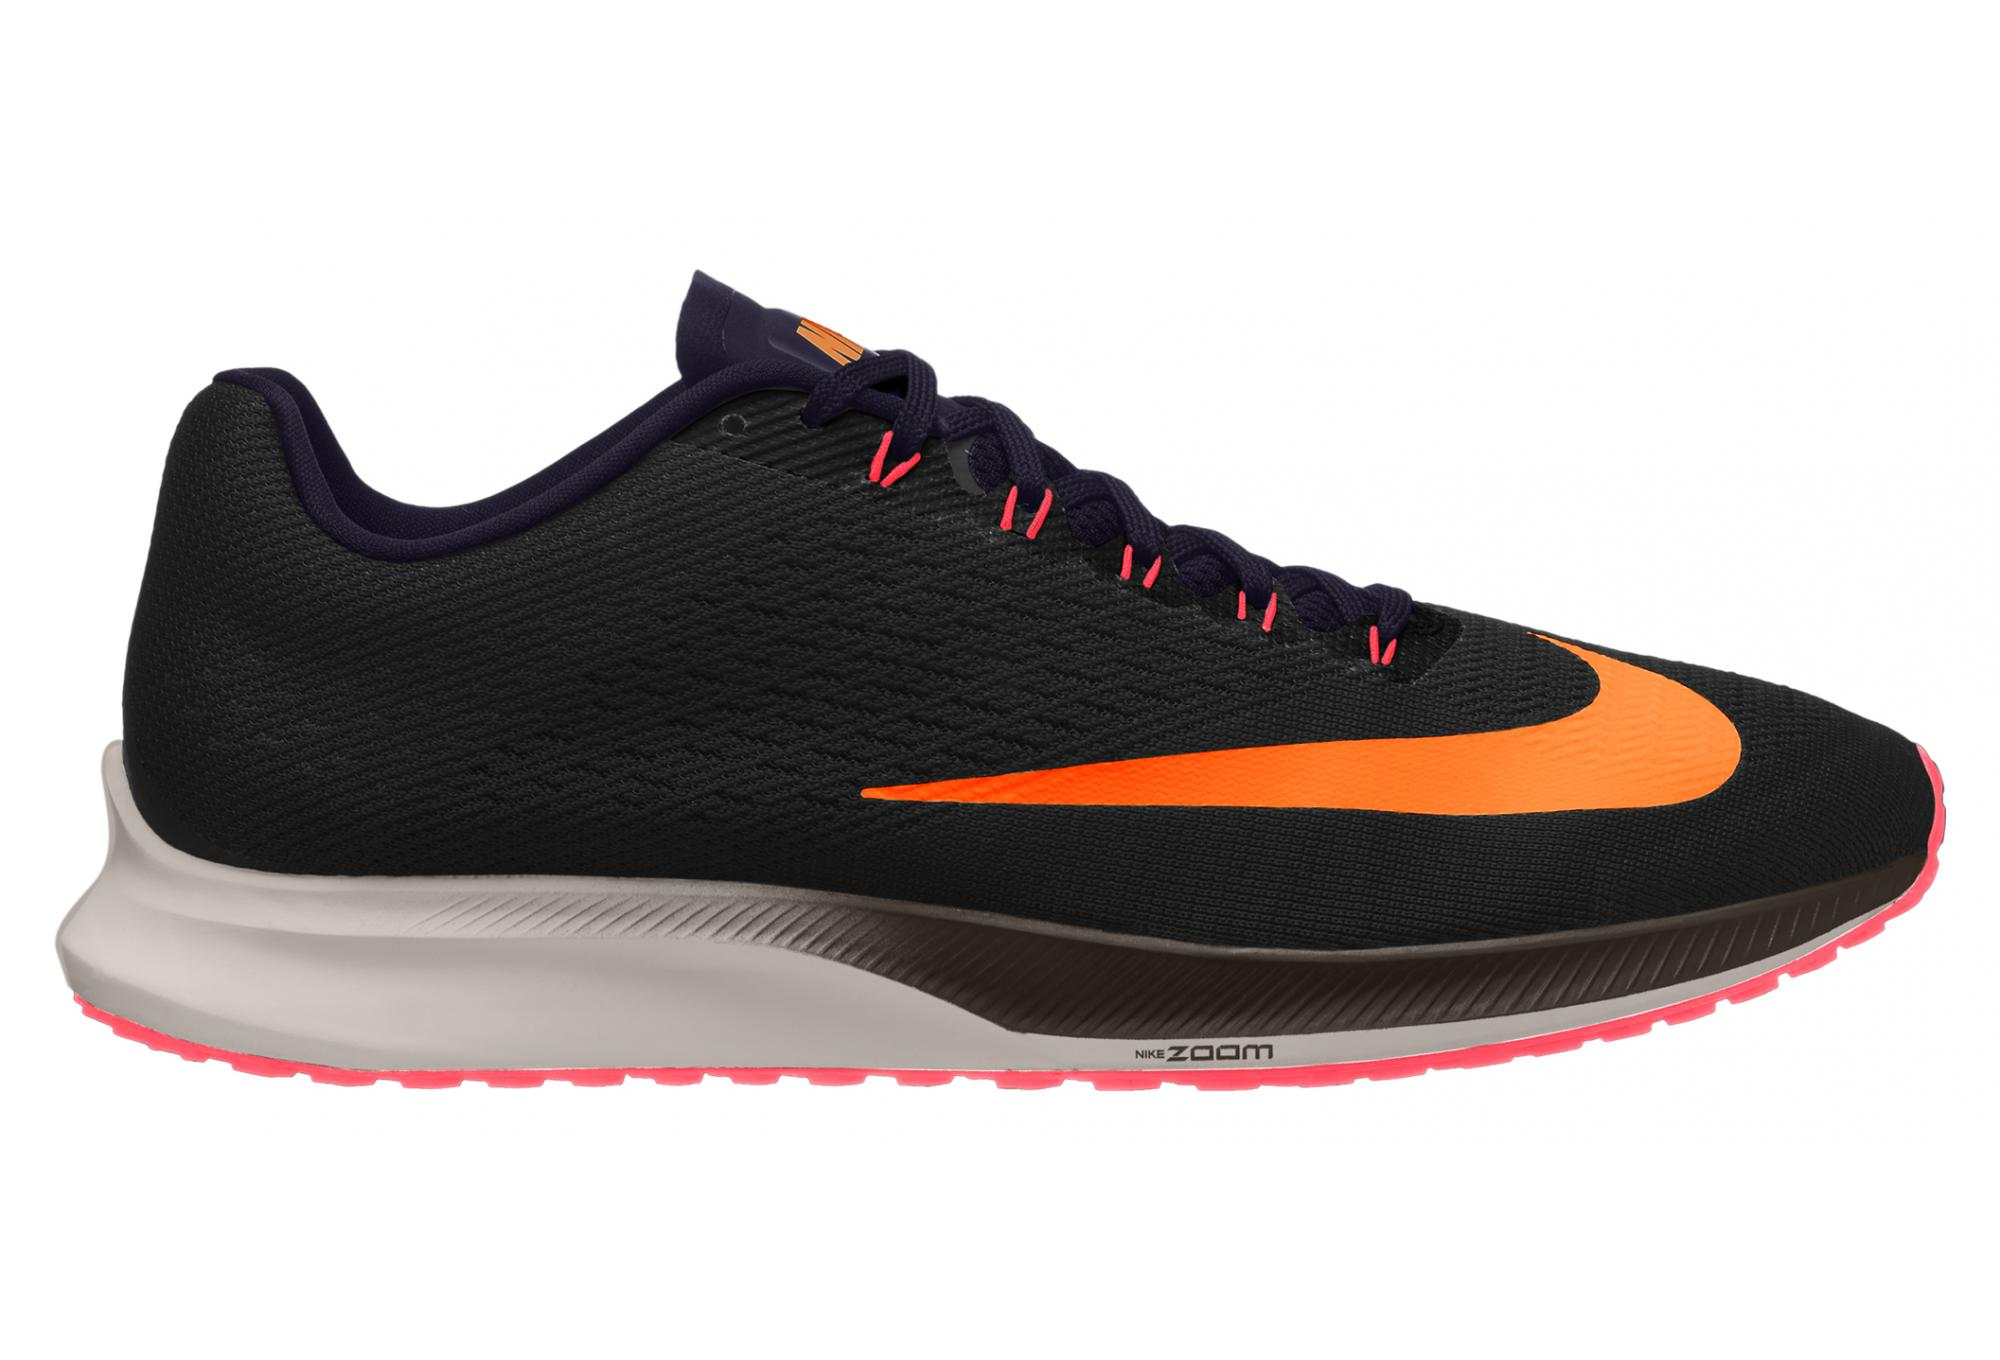 Nike Air Zoom Elite 10 Shoes Black Orange Pink  dbc4f07ce